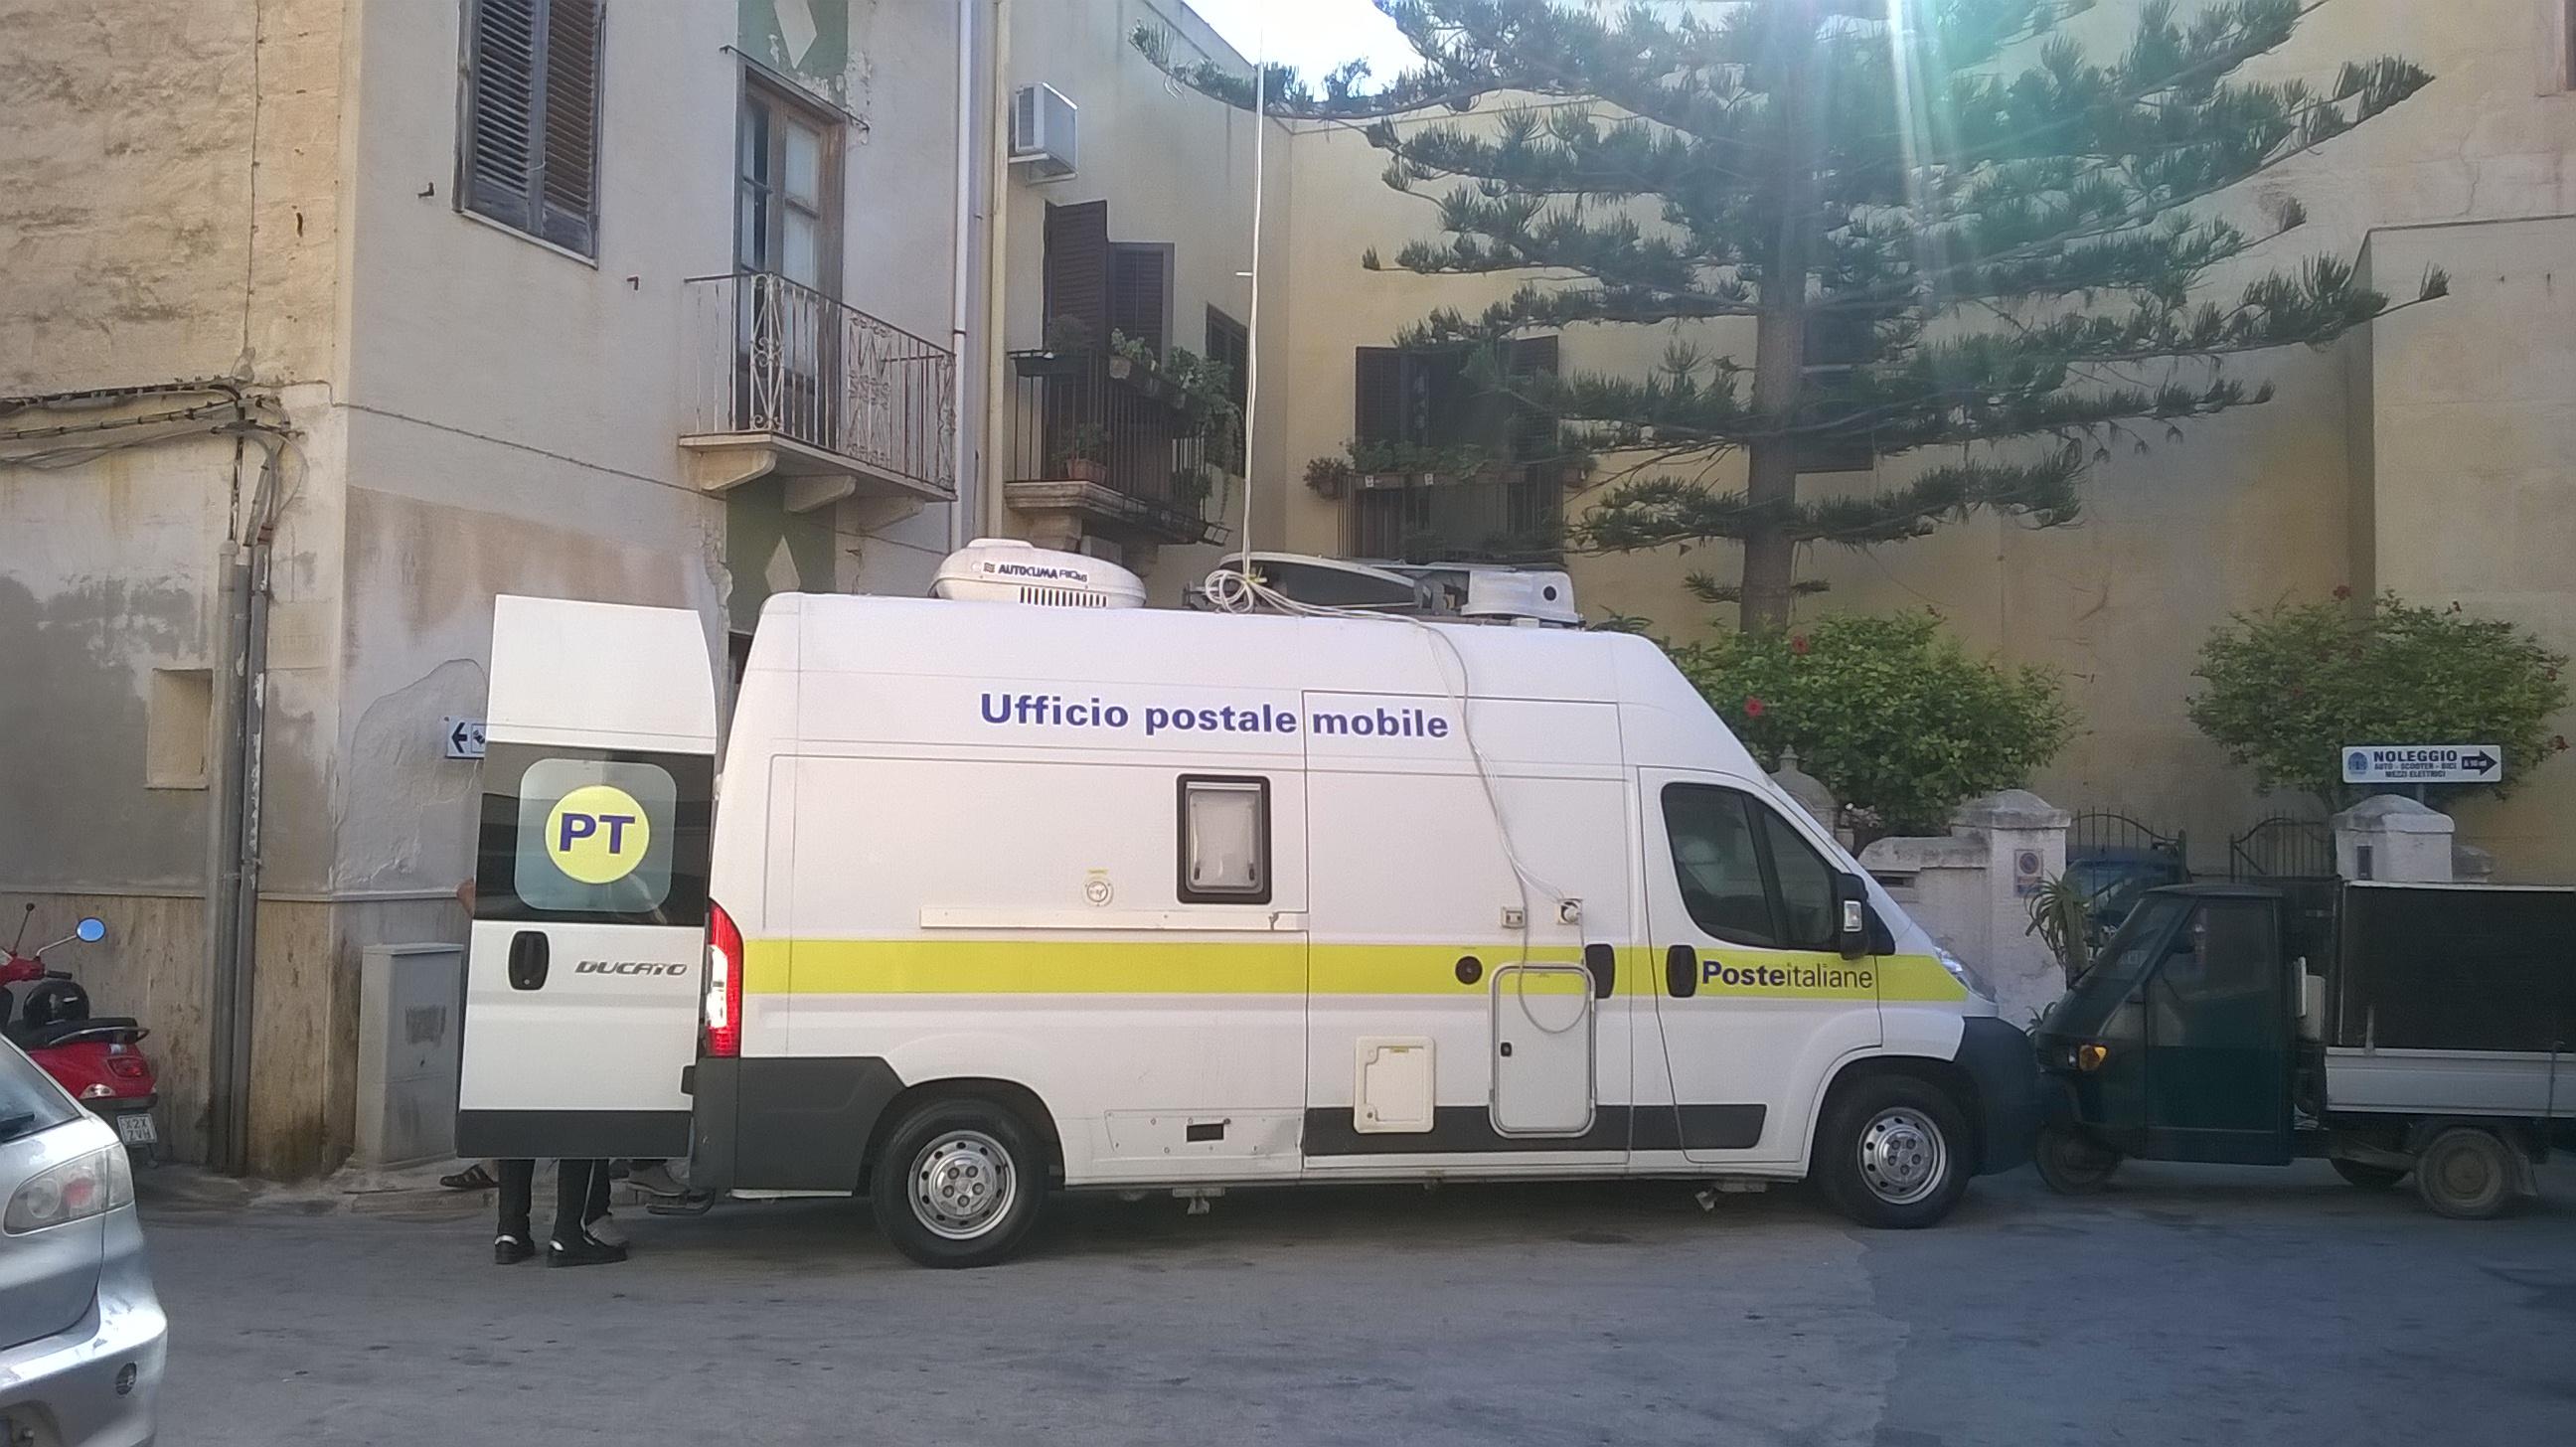 Ufficio Postale Poste Italiane : Favignana lavori di mezza estate: ufficio mobile di poste italiane